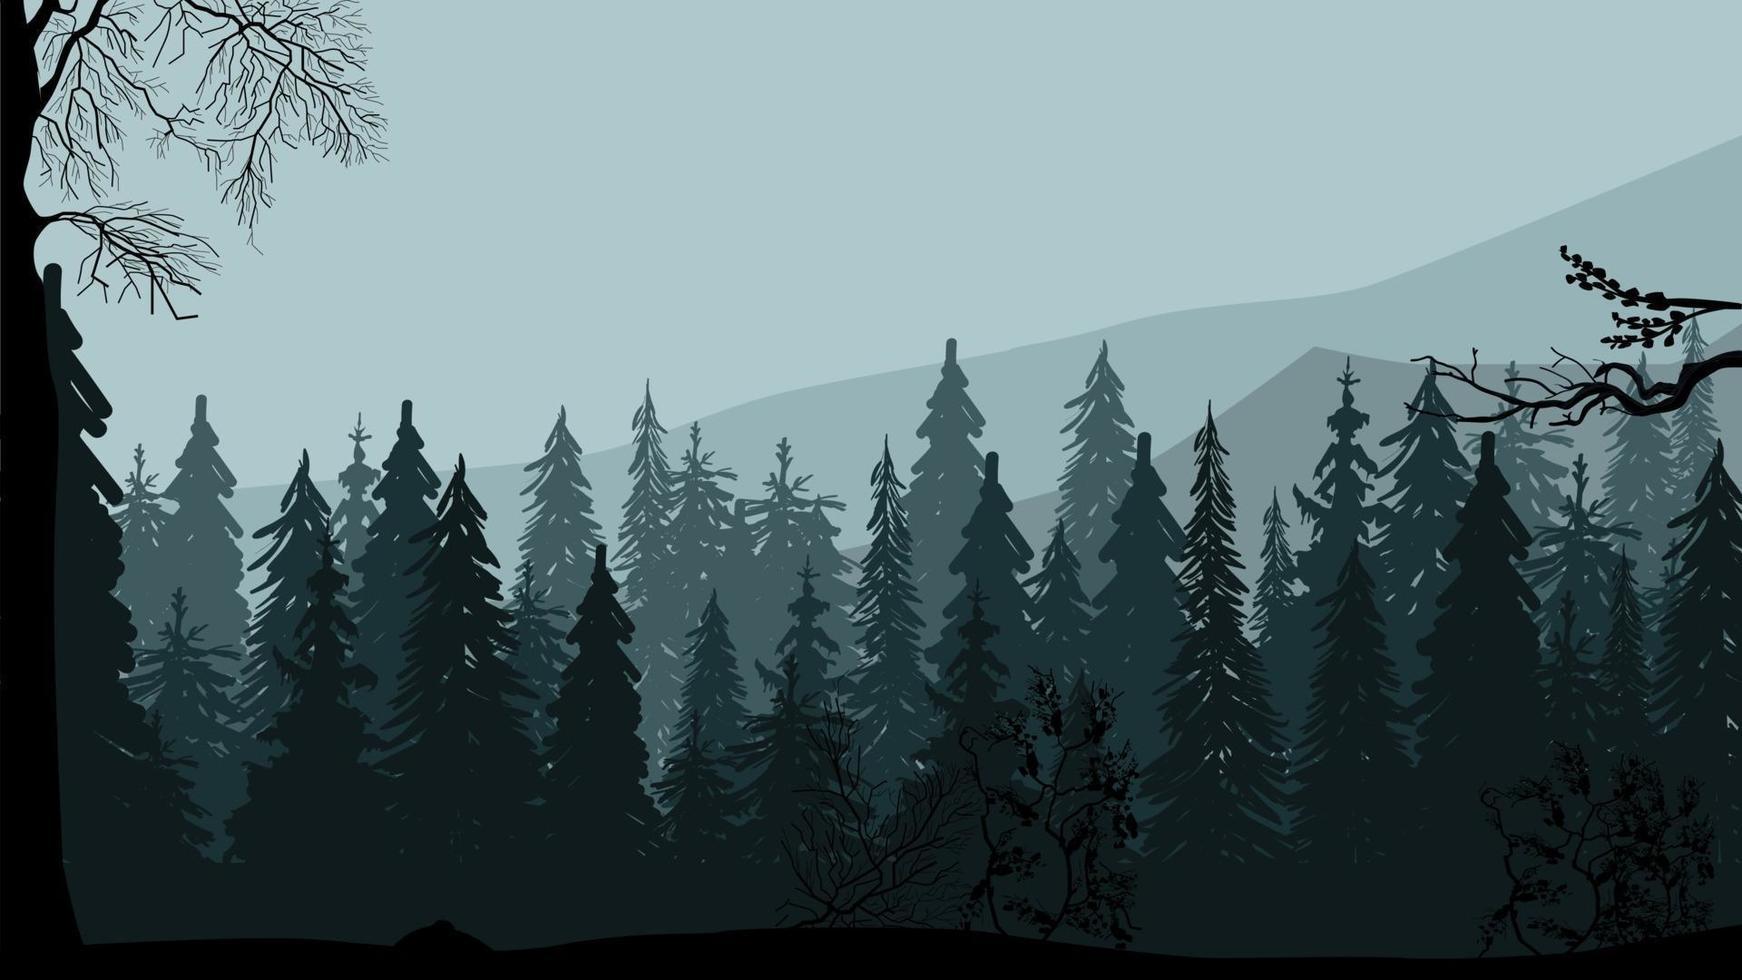 bosque de pinos oscuro, montañas y cielo gris, paisaje de noche gris vector